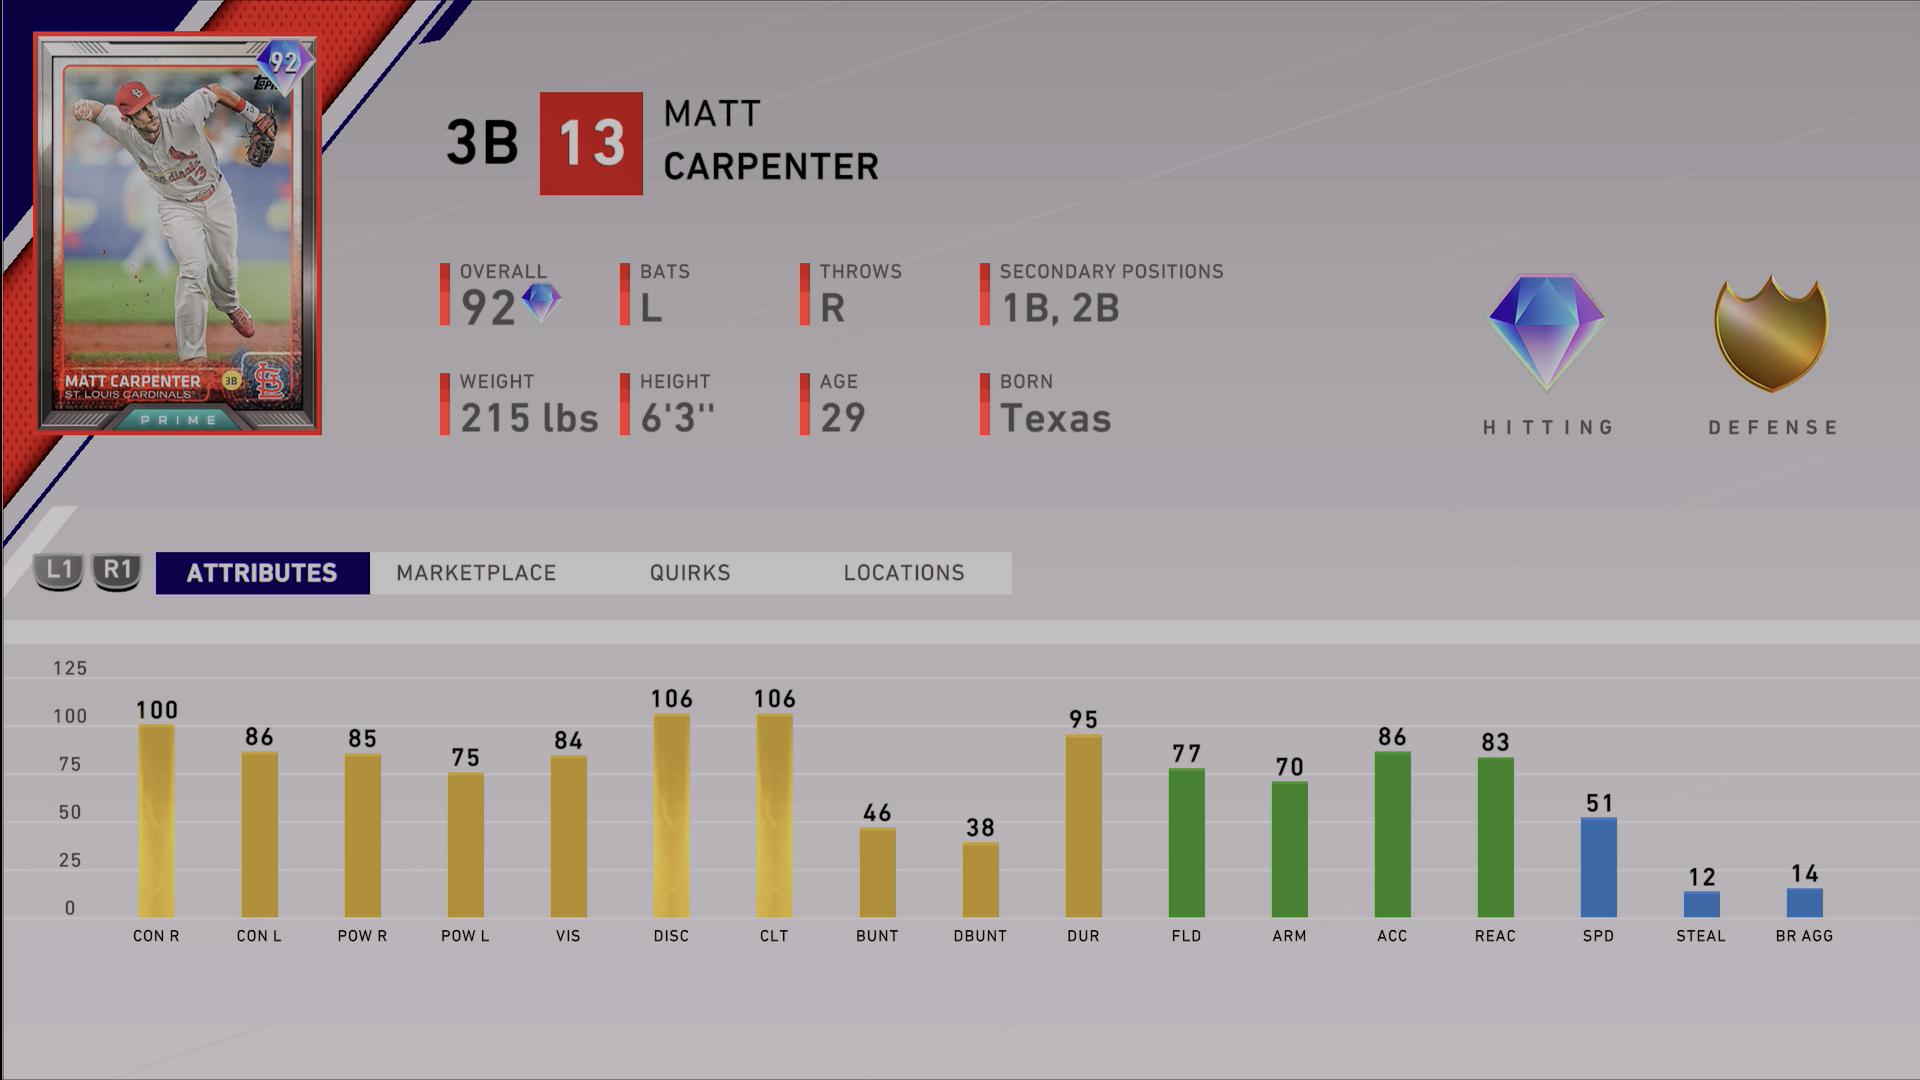 mlb-the-show-20-7th-inning-program-prime-matt-carpenter-ratings